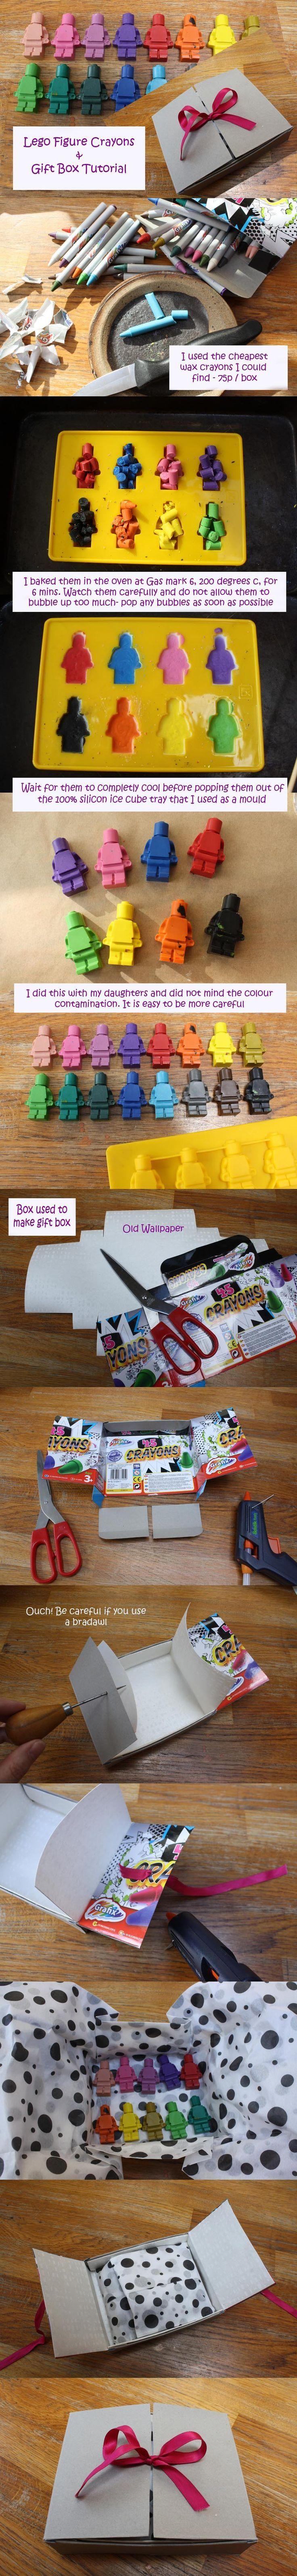 DIY Legomännchen-Wachsmalkreiden. Das geht auch super mit Wachsmalstifte-Resten! // Tutorial #kids: